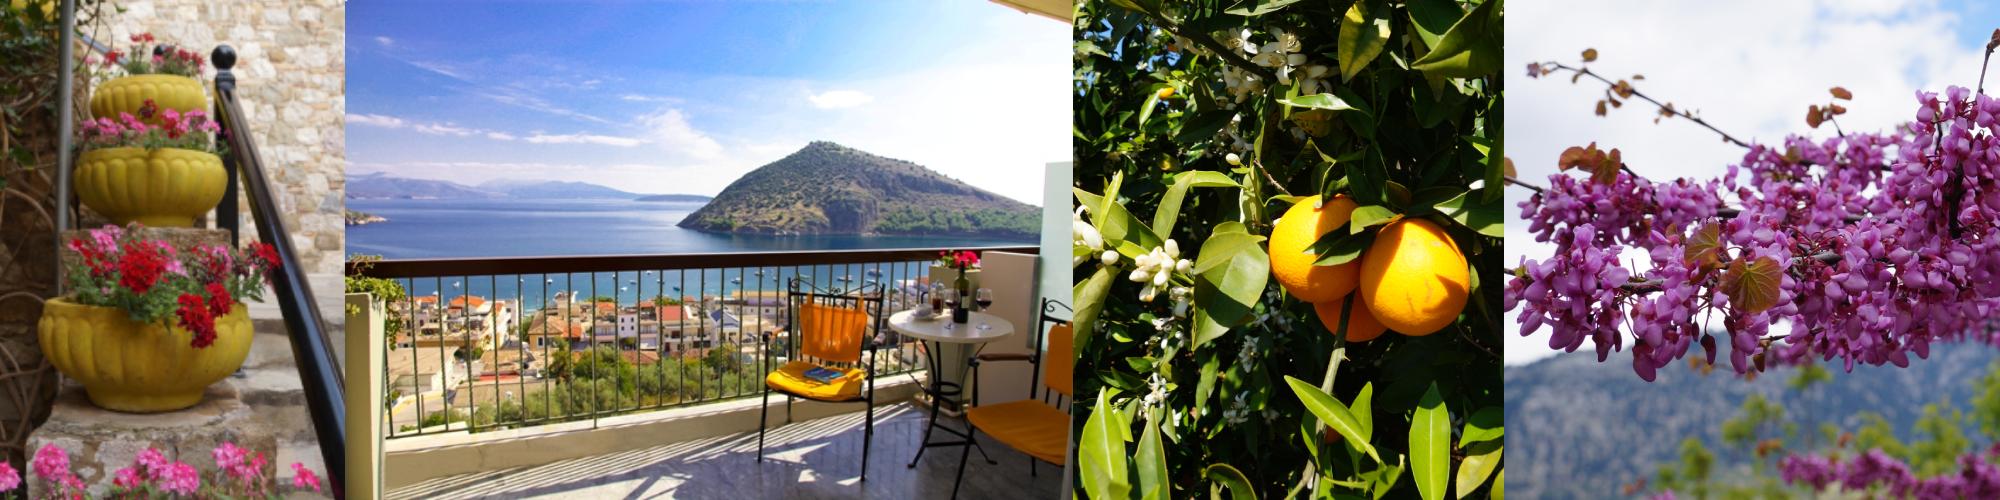 Forsommer i Grækenland, Unikke oplevelser og stille sol